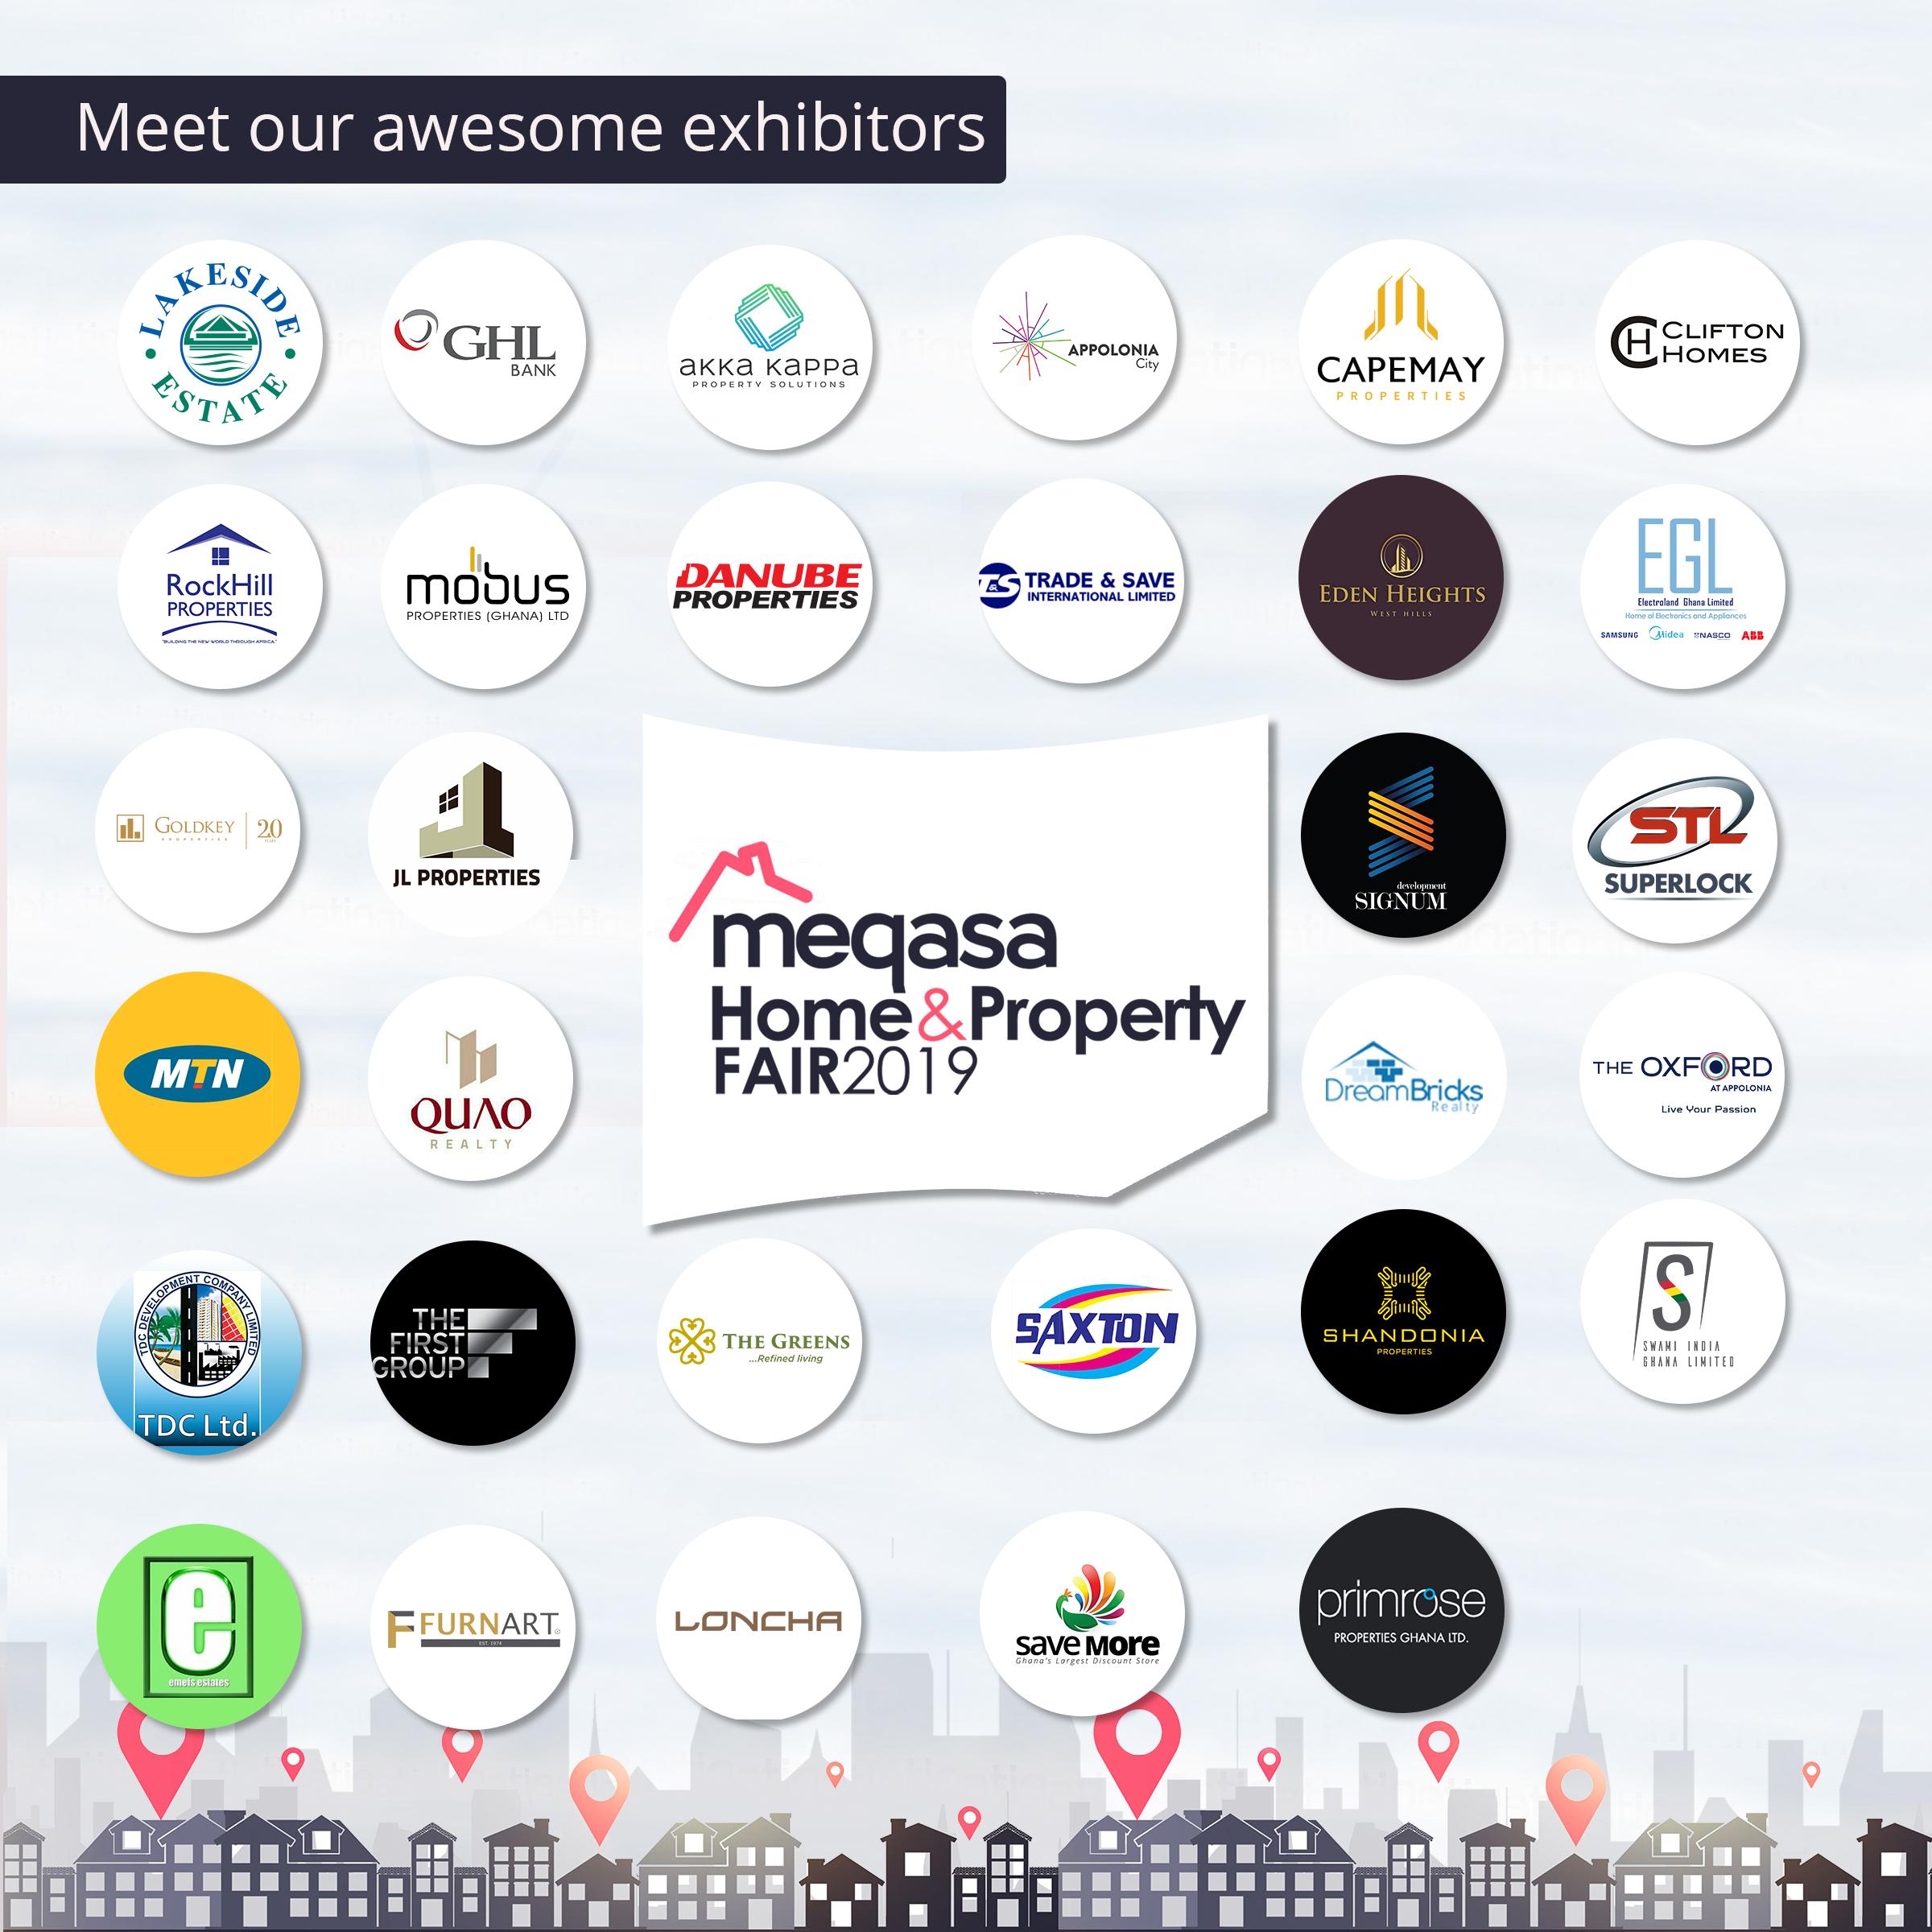 meqasa home and property fair 2019 exhibitors